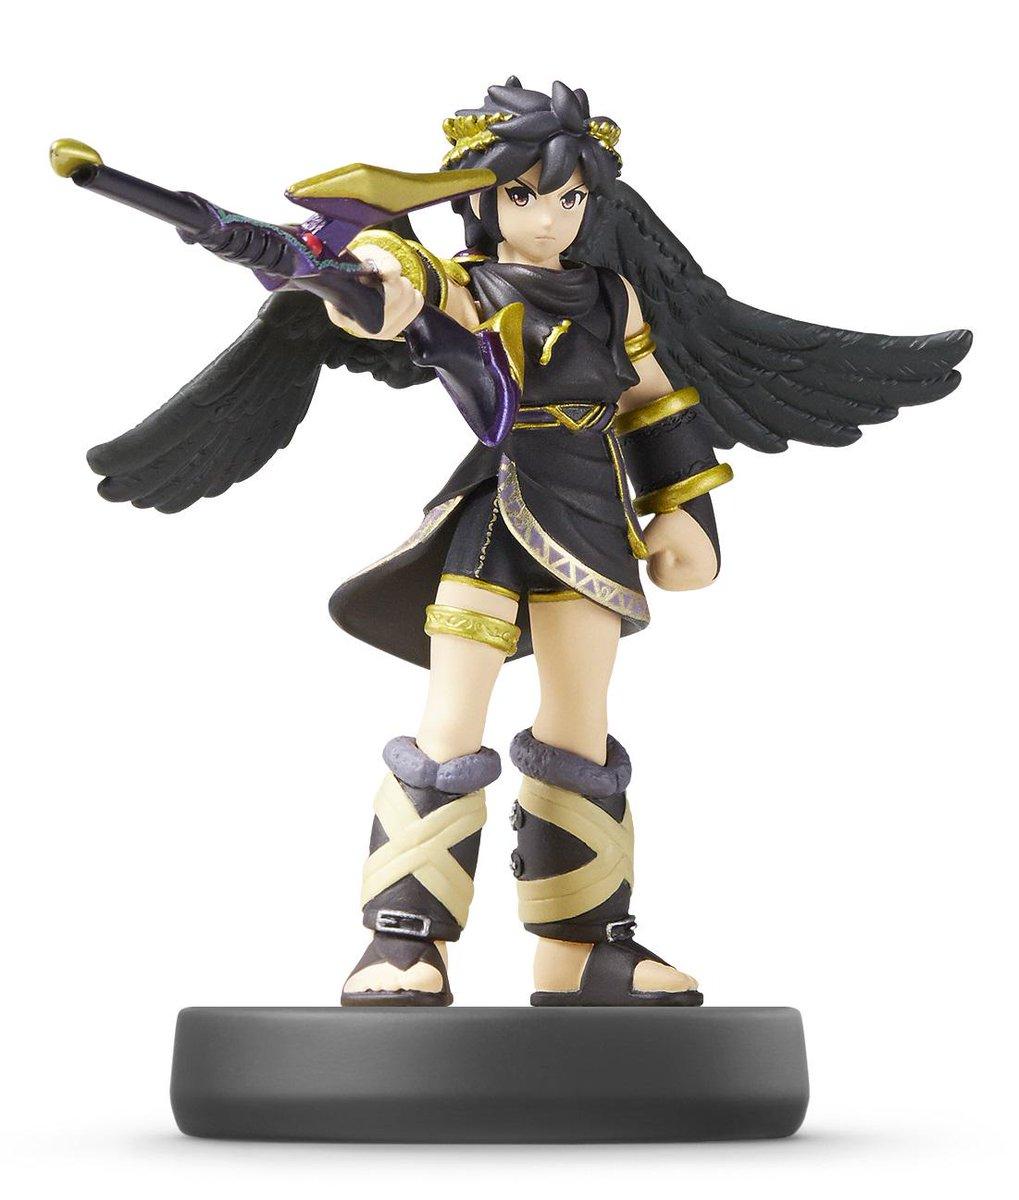 Hey fans of @NintendoAmerica's #amiibo figures - get #DarkPit only @BestBuy on July 31: https://t.co/LtVVWaLj4Z http://t.co/metPl4Vjq5